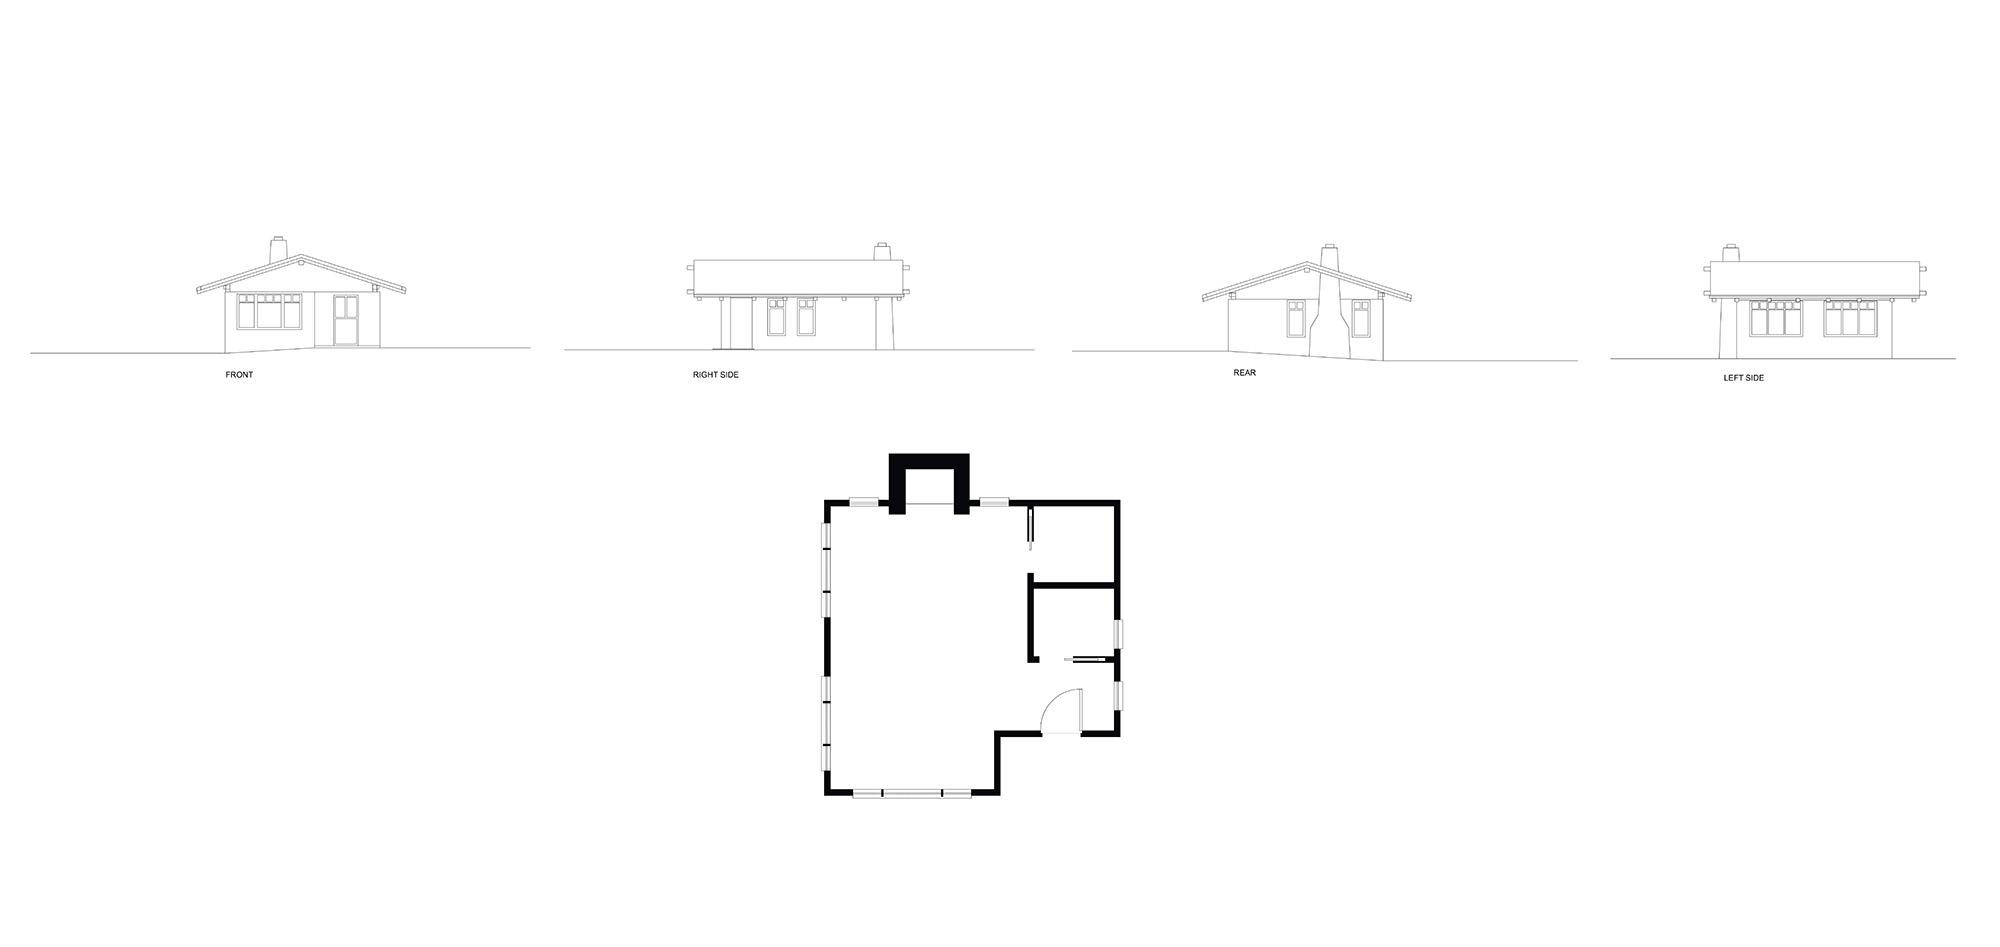 Studio Elevations & Floor Plan